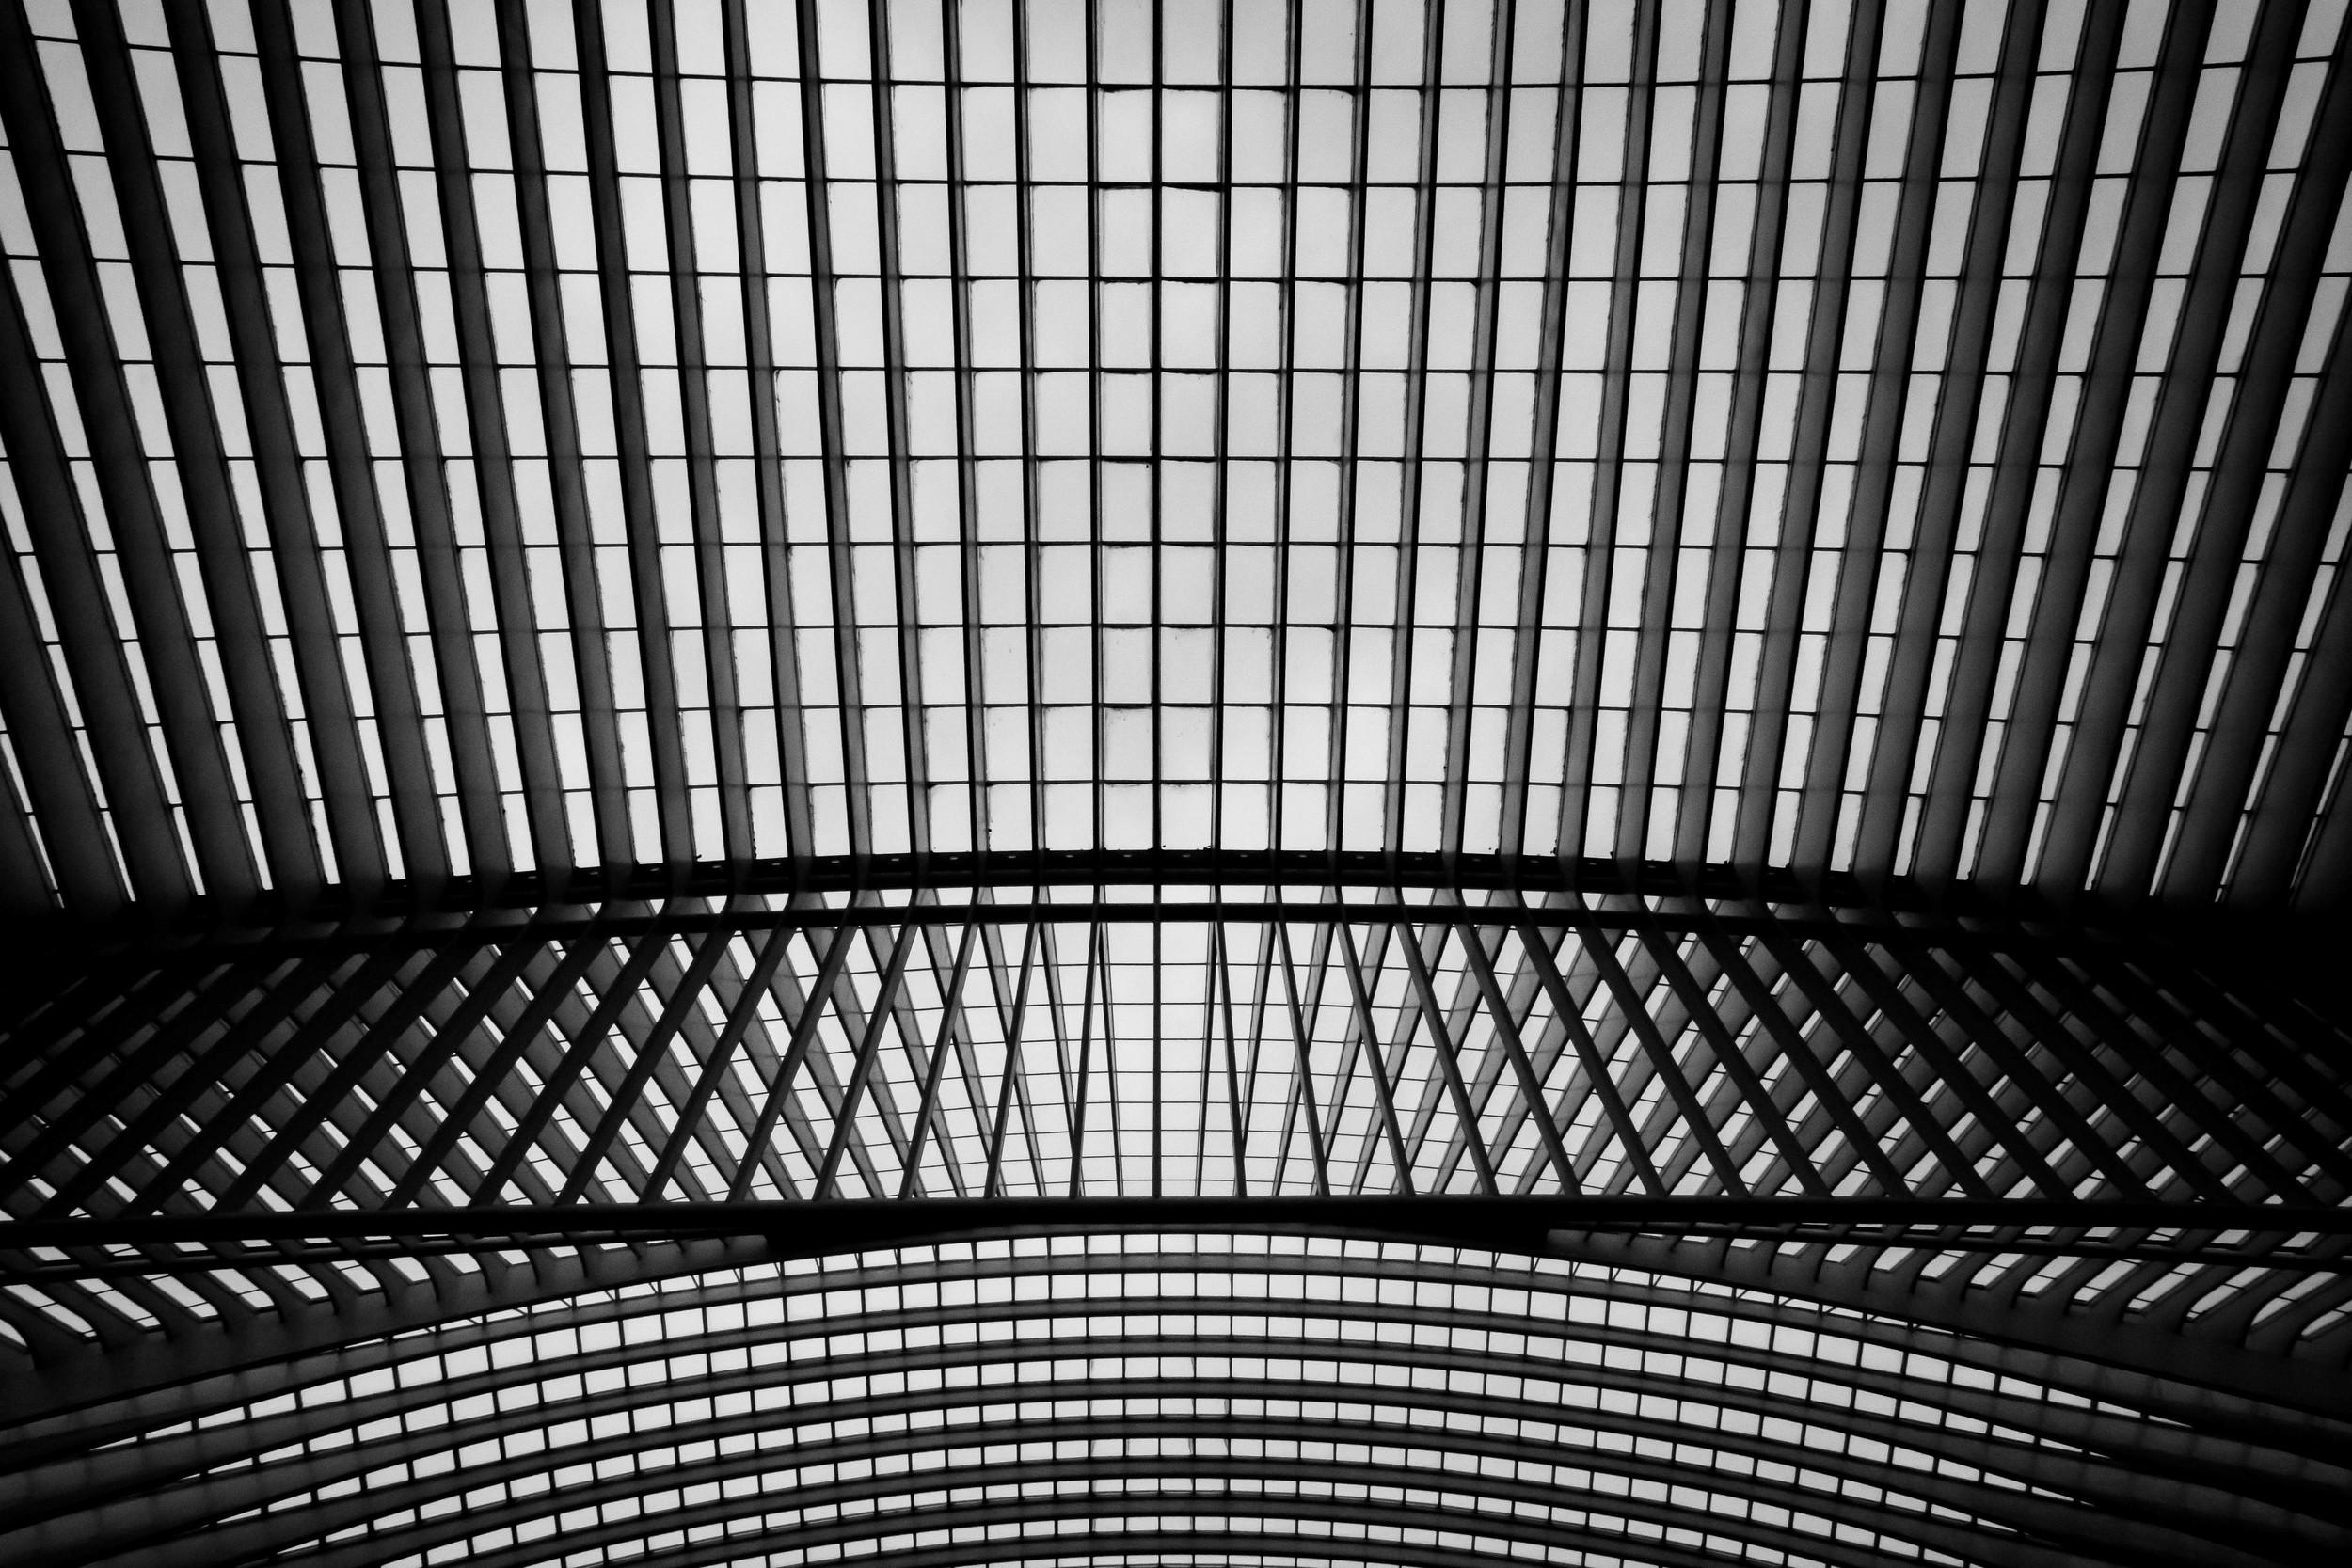 De wereld van onderen fotograferen is ook denken aan compositie. Lijnen komen daar goed aan te pas. Hier zie je het station Guillemins van Luik.